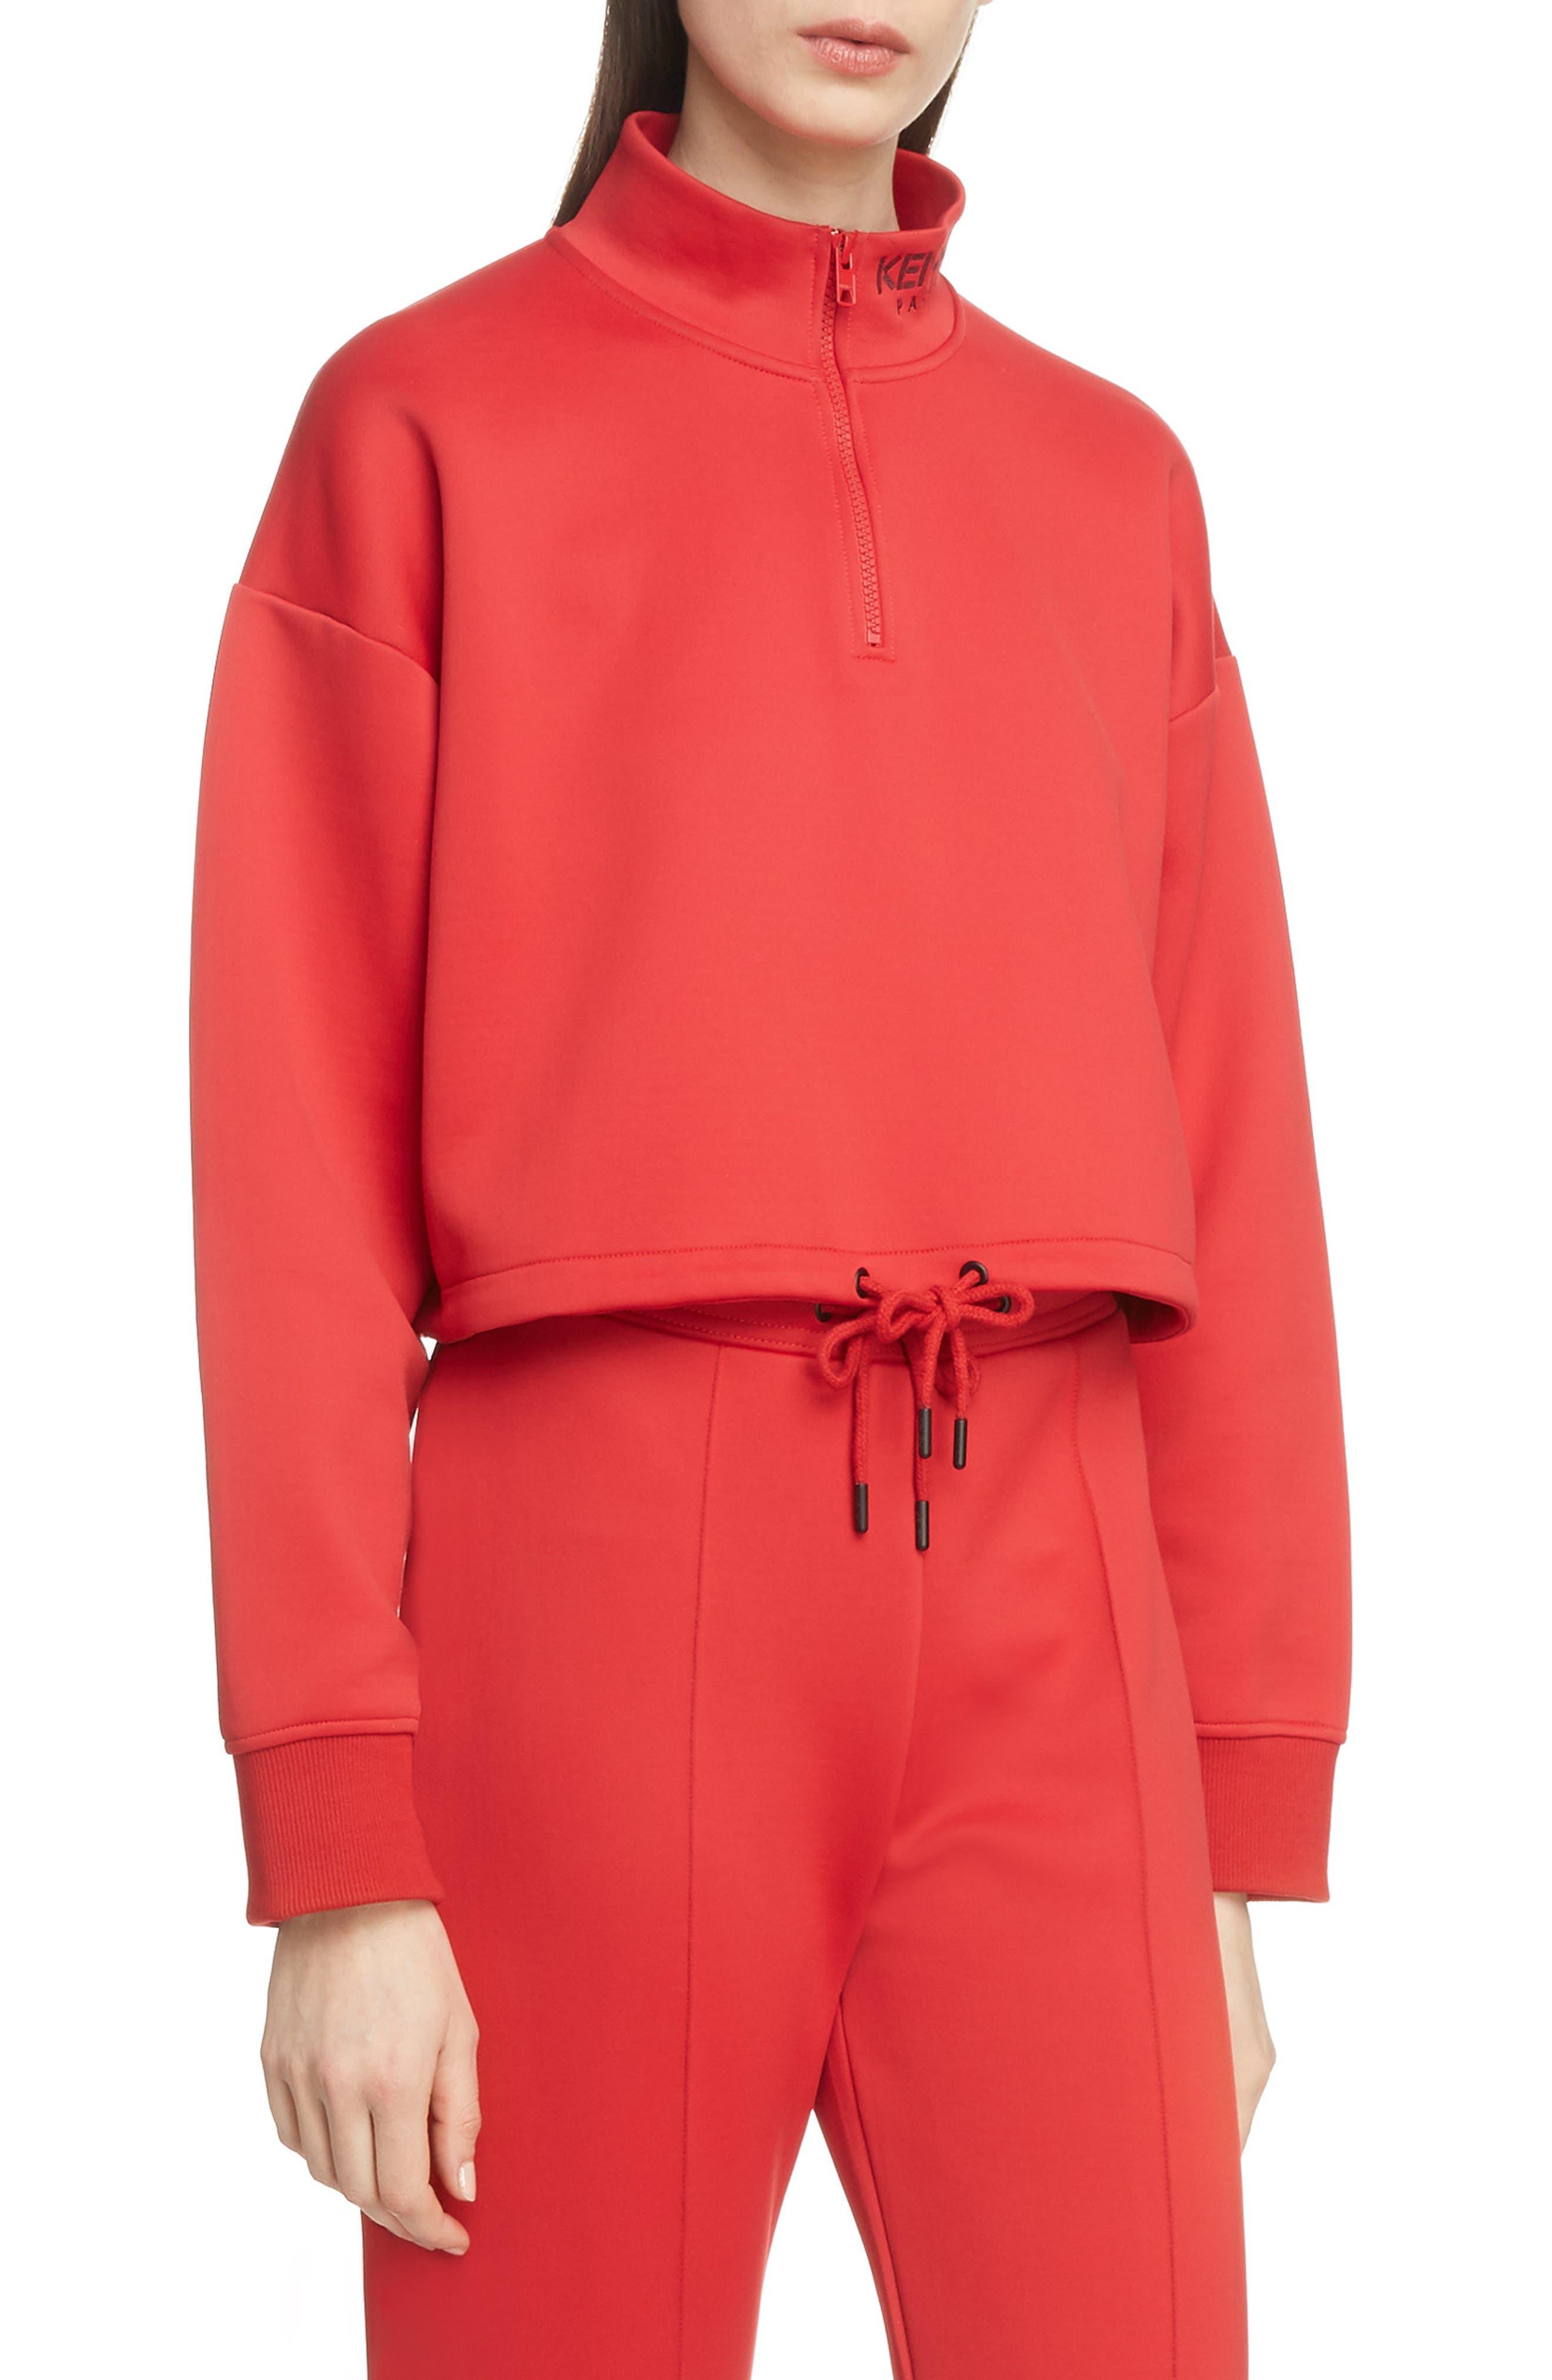 Kenzo Sport Crop Half Zip Sweater, Red